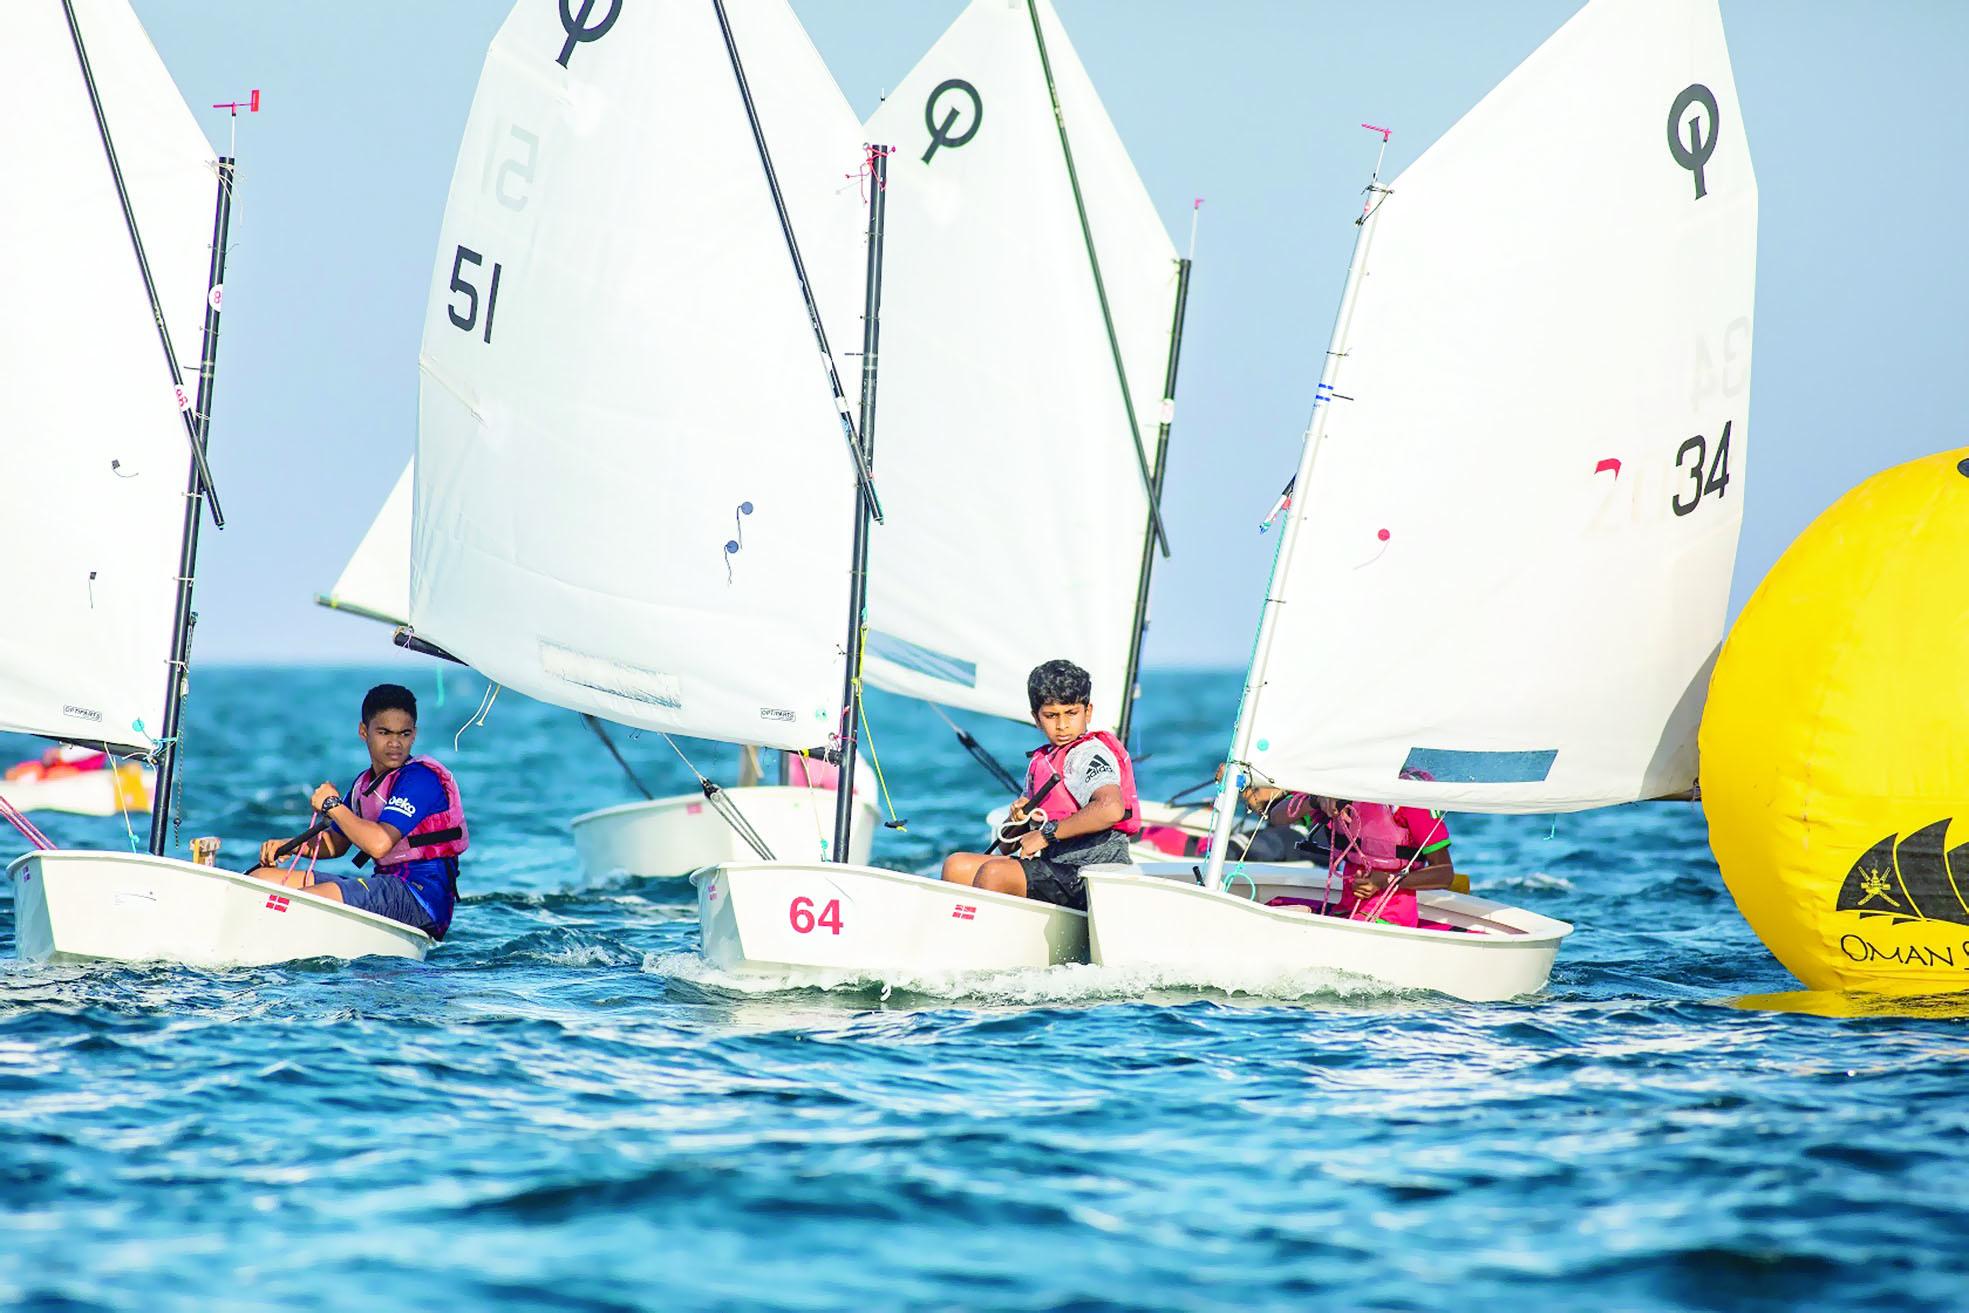 استمرت لمدة يومين «عُمان للإبحار»تختتم سباقات تحديد المستوى لهذا العام بمشاركة 56 بحاراً ناشئاً